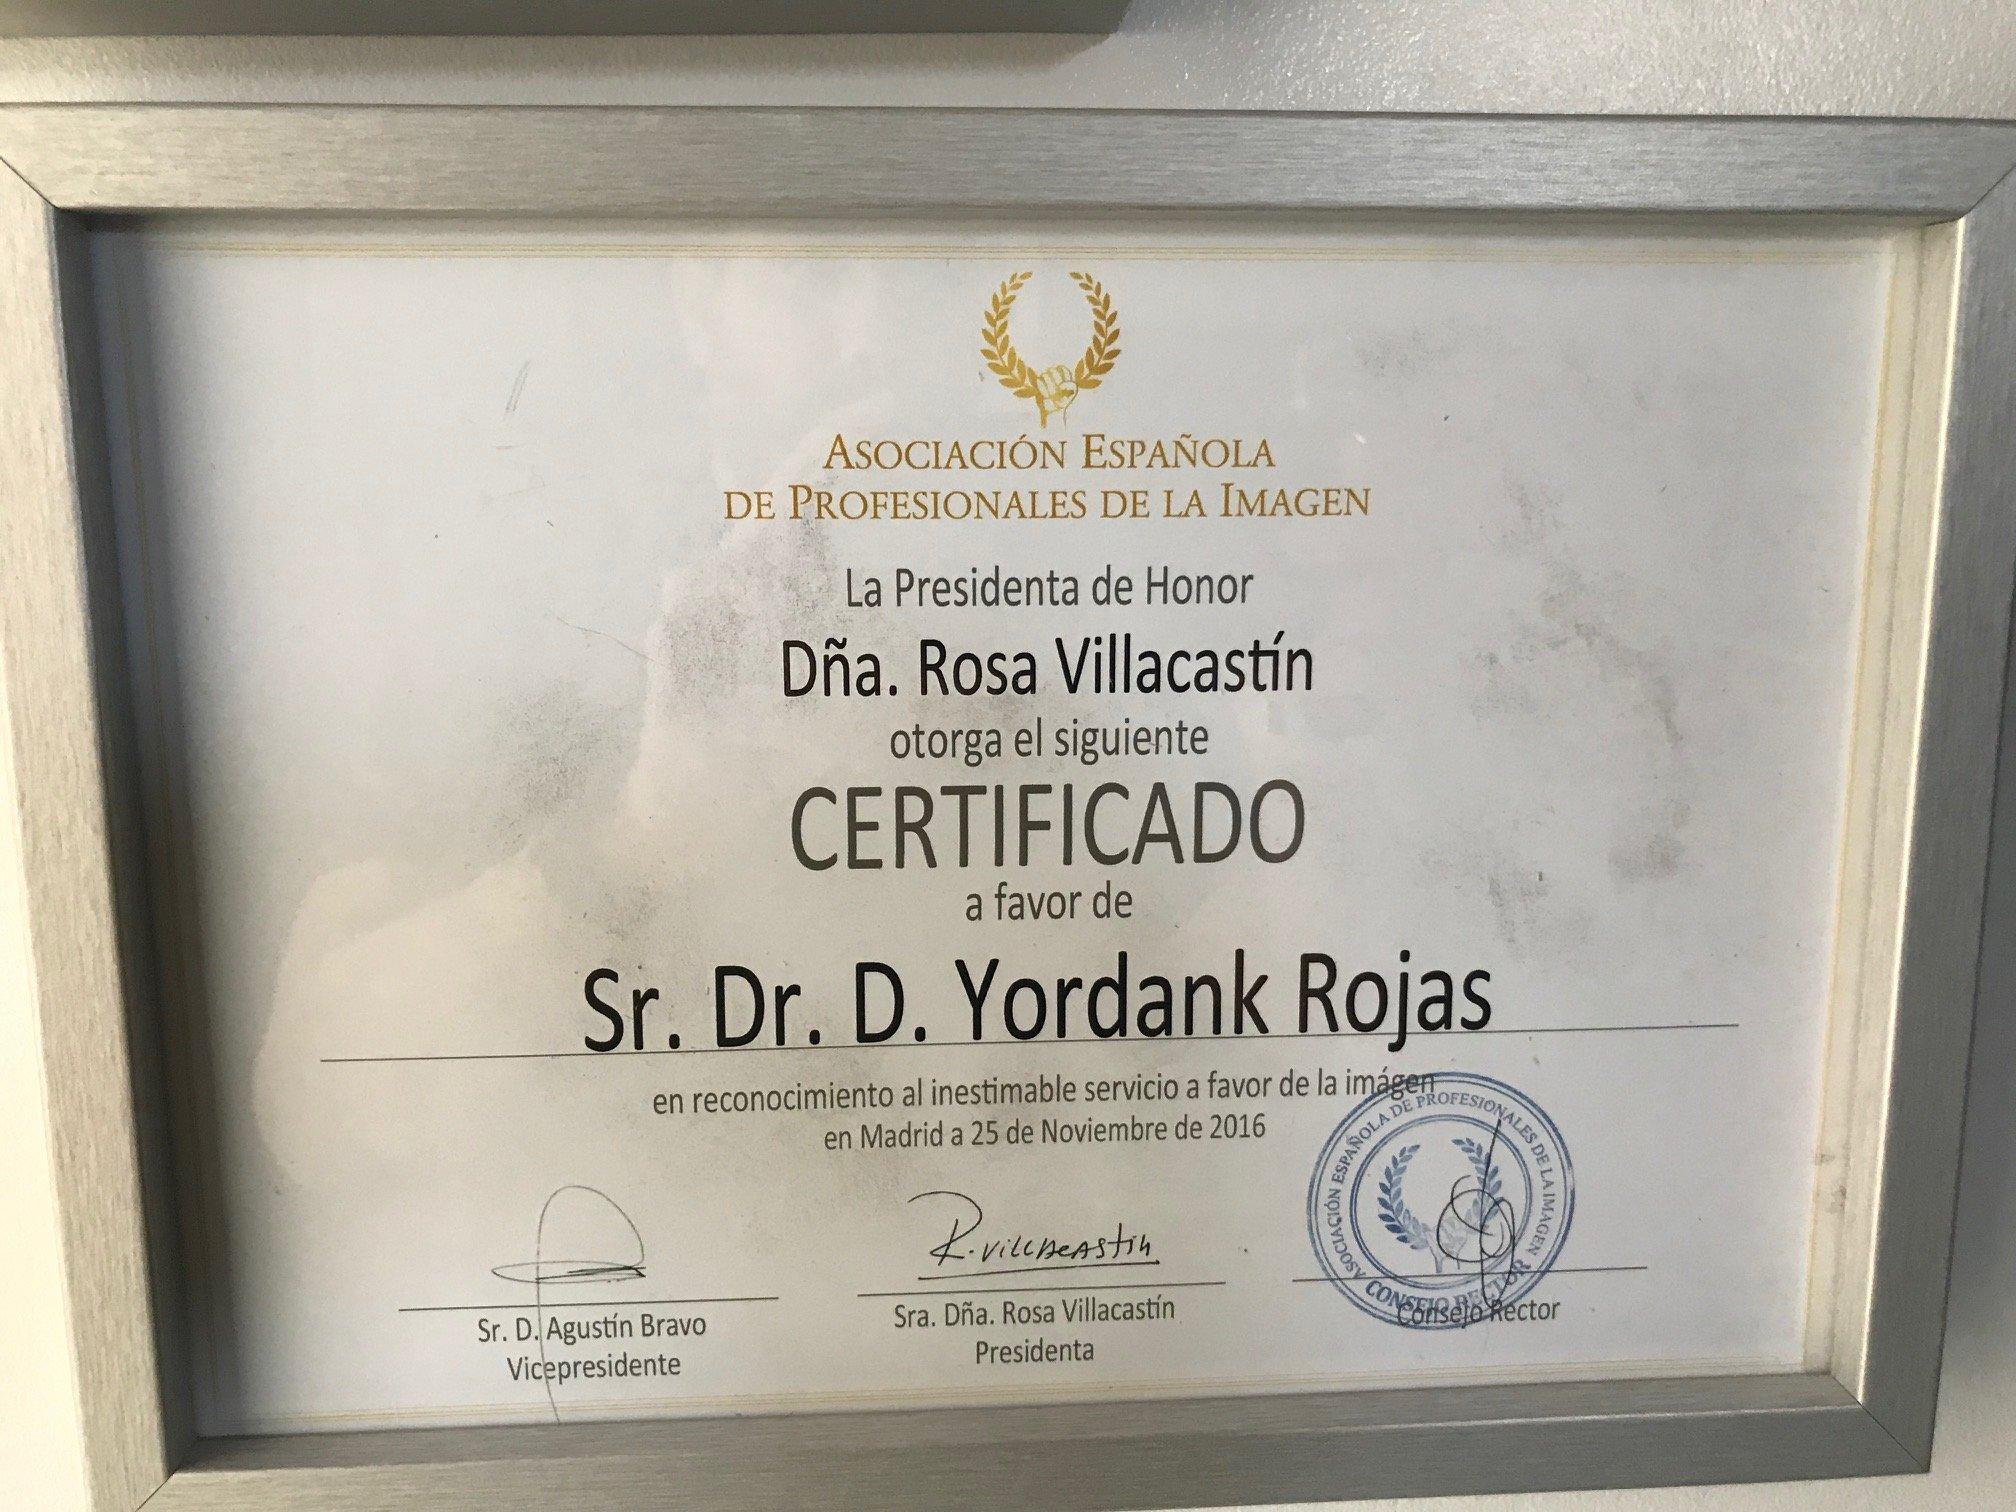 Certificado de profesional de la imagen